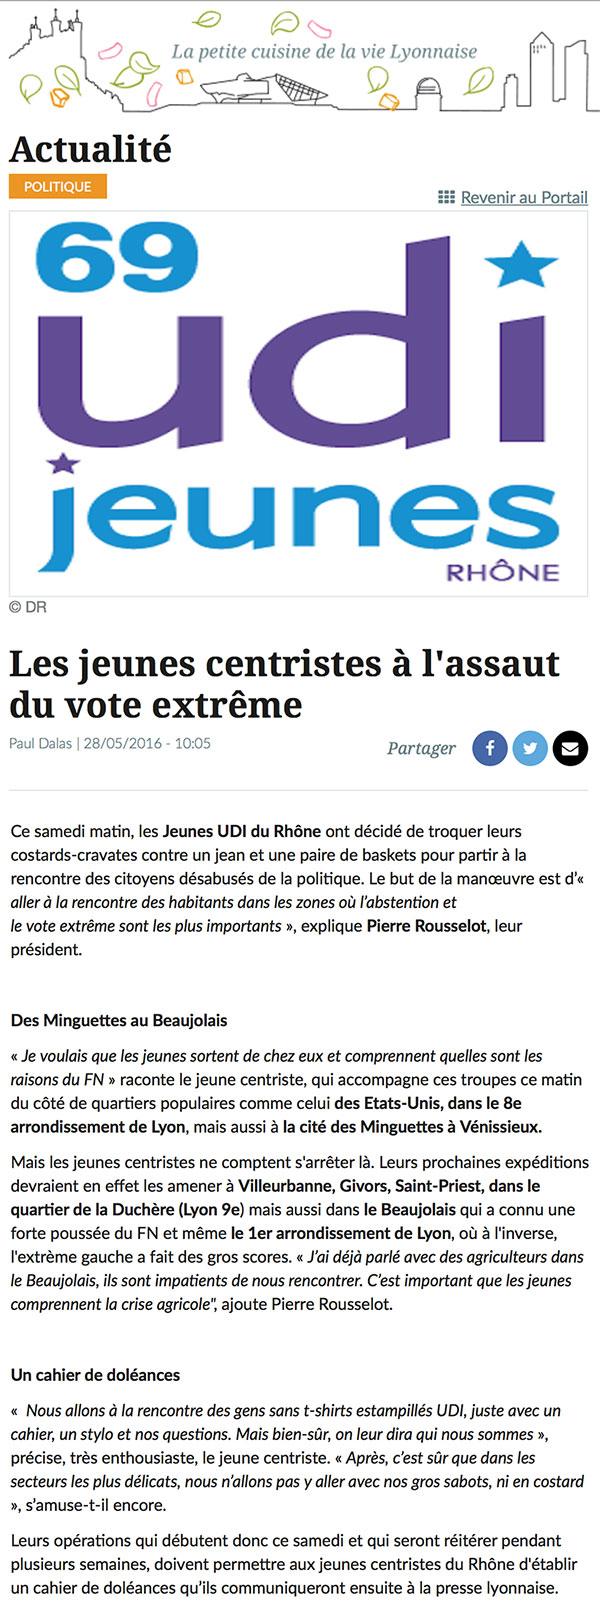 Presse---salade-Lyonnaise---jeunes-centristes-à-l'assaut-du-vote-extrême